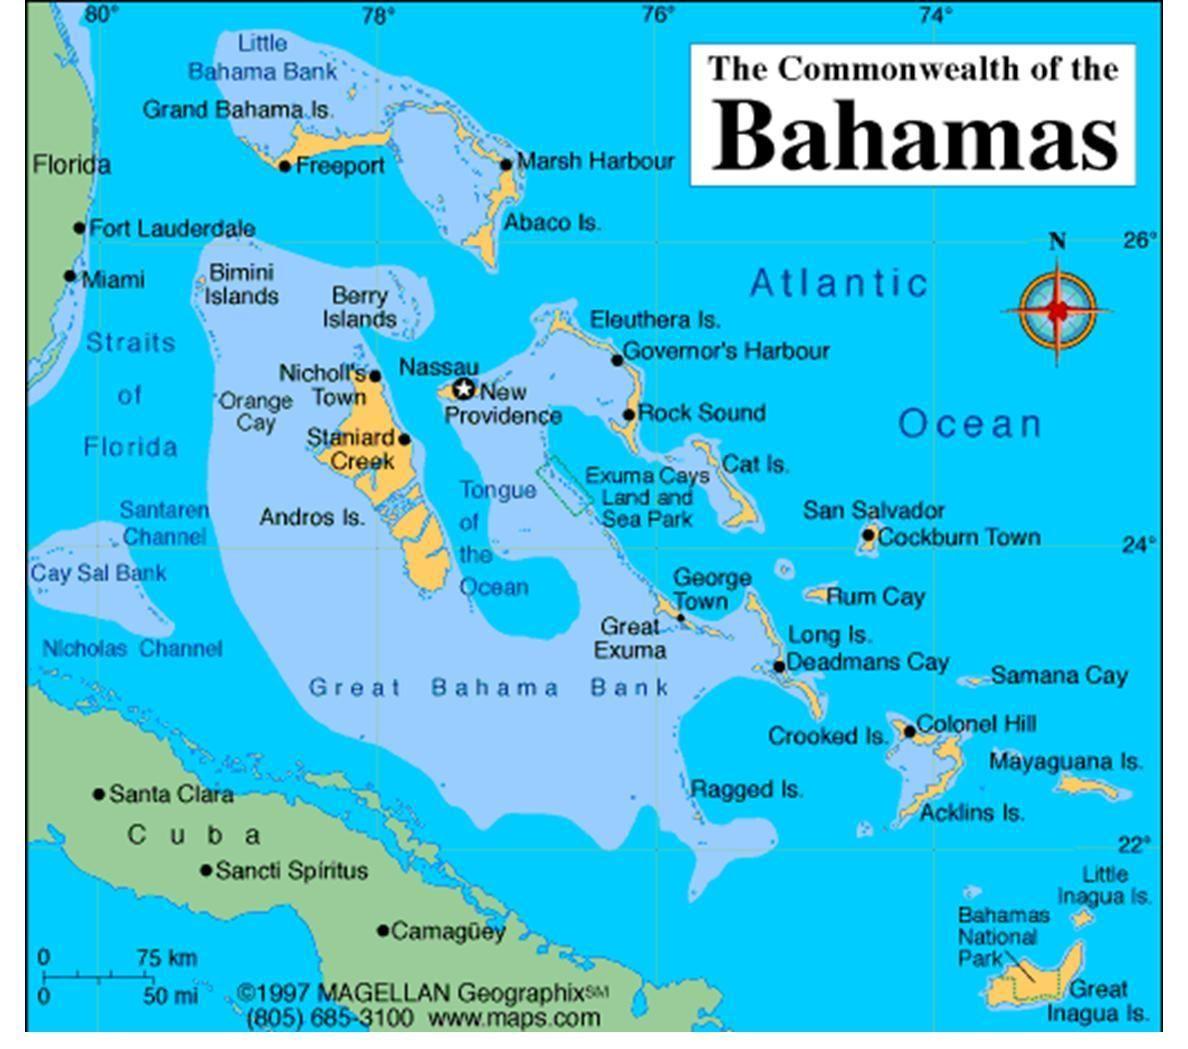 george town bahamas map Half Moon Cay Bahamas History Half Moon Cay Bahamas Map george town bahamas map